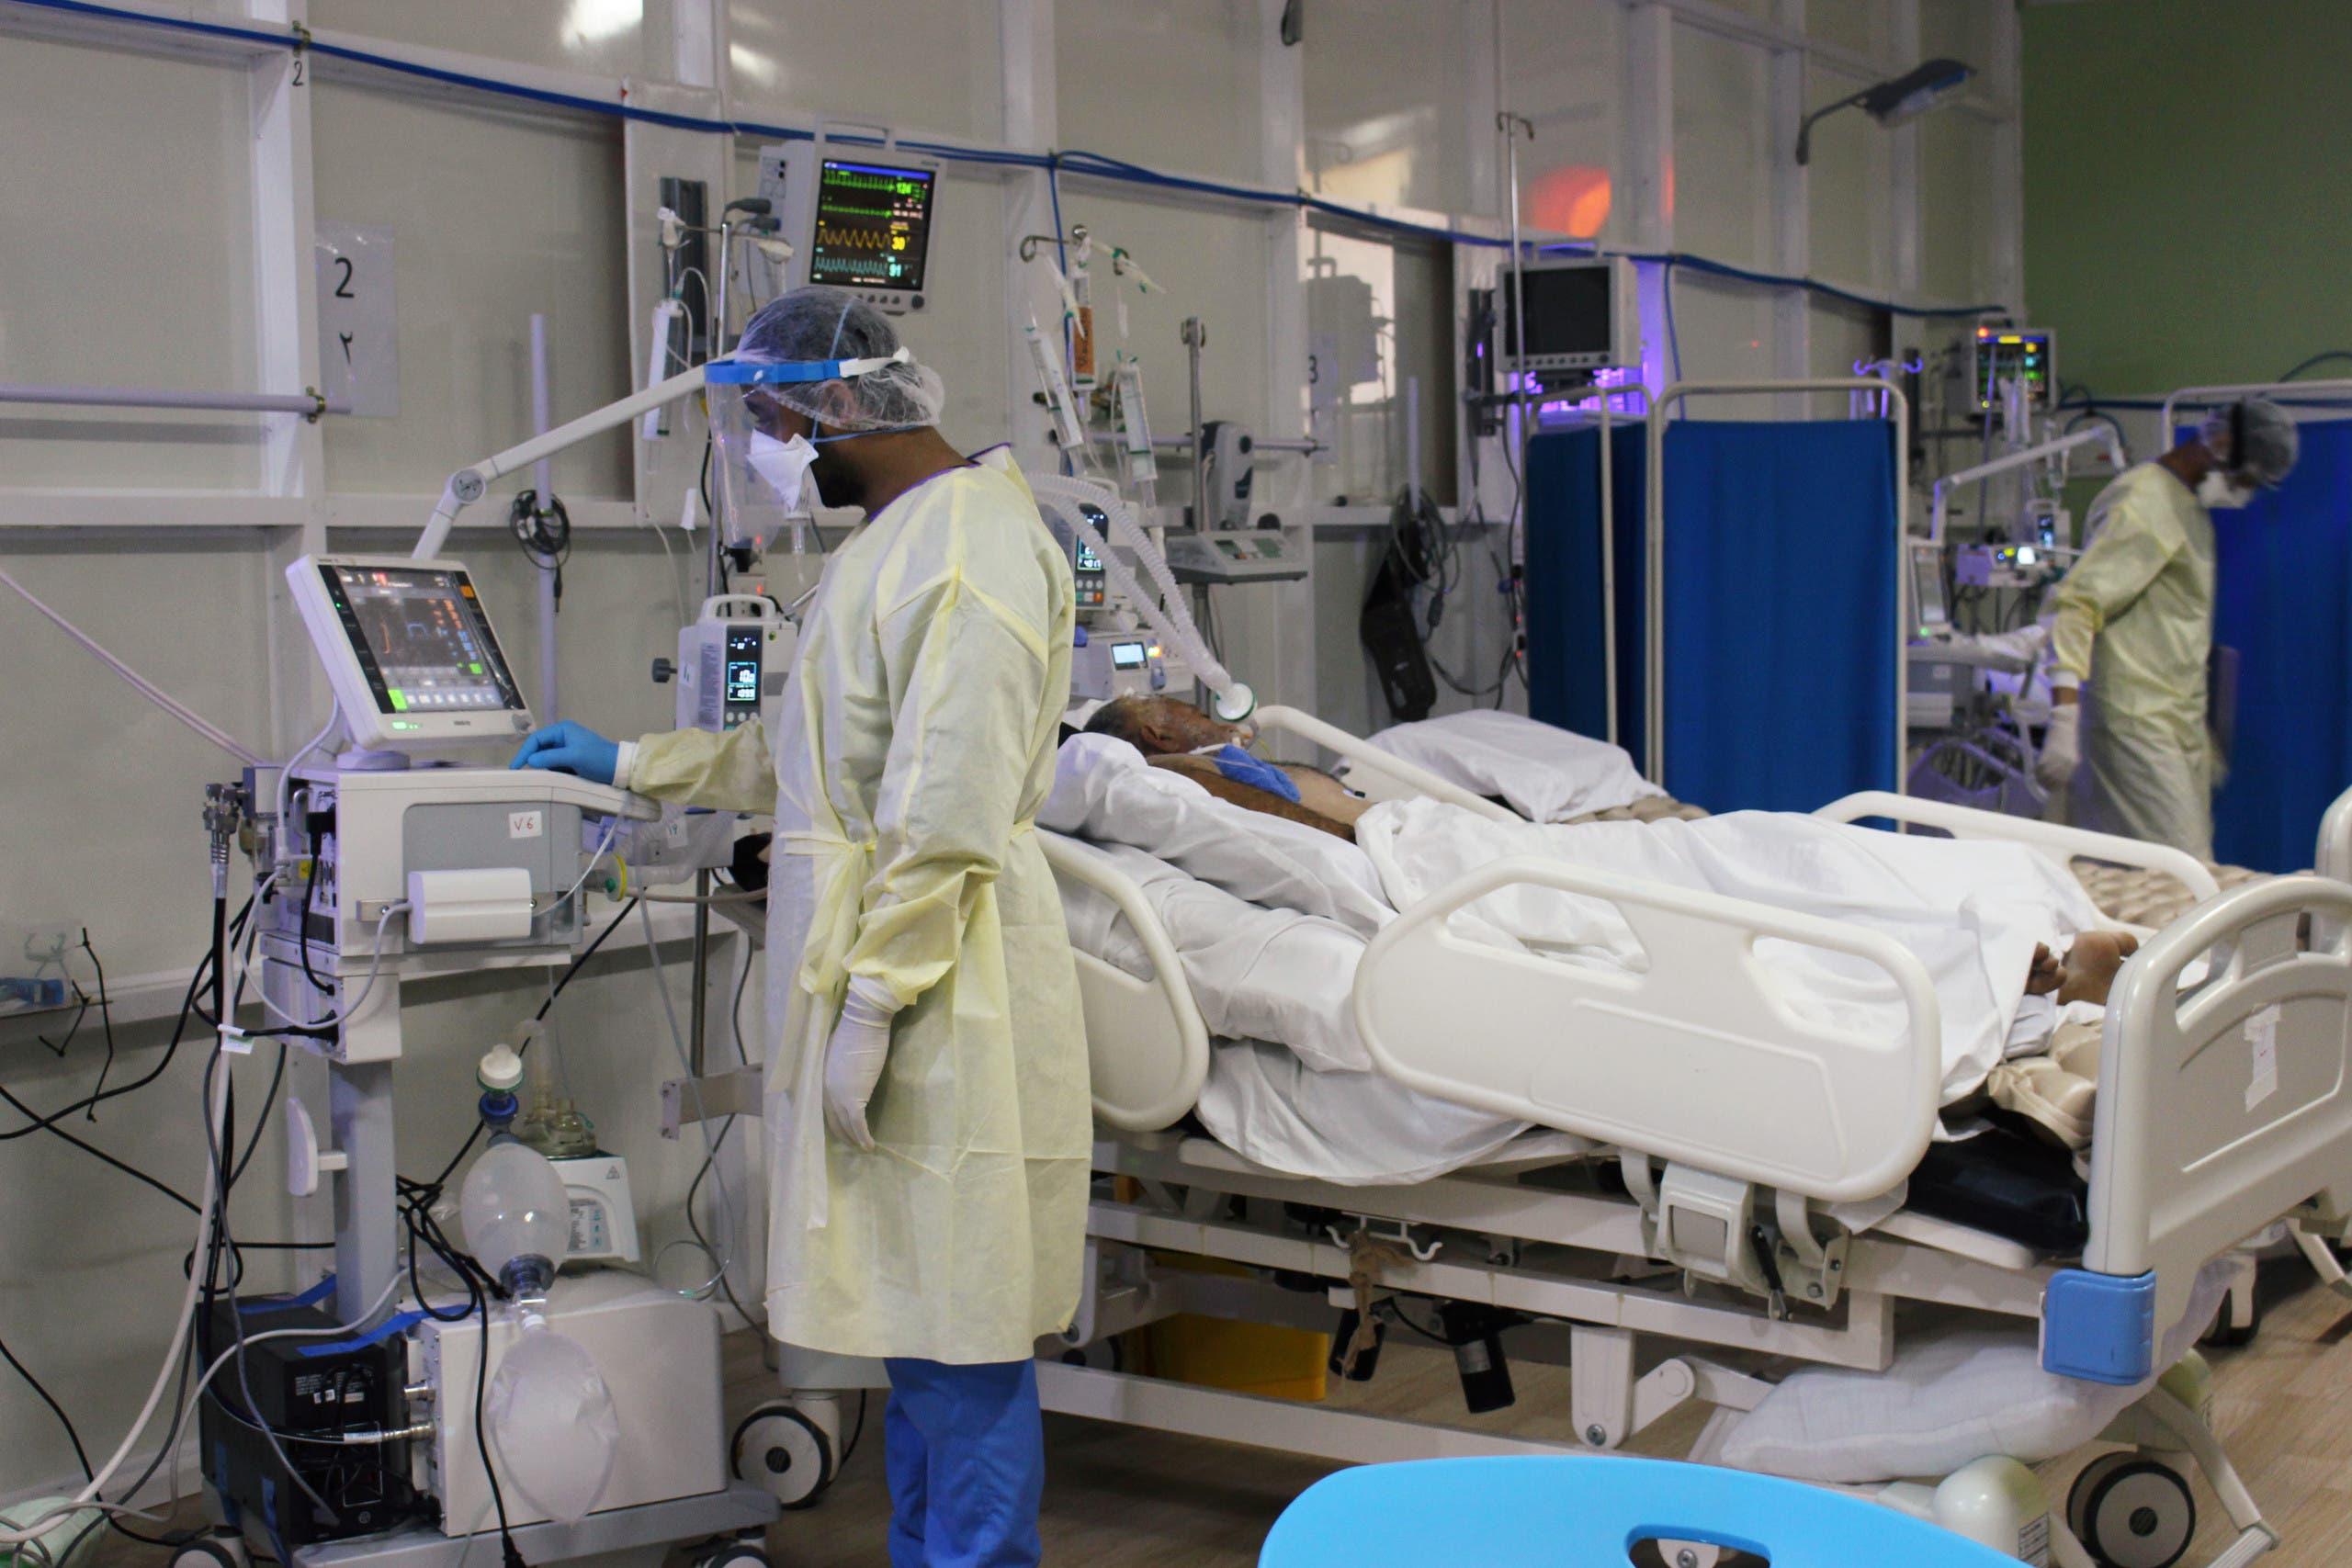 مستشفى يعالج فيه المصابين بكورونا في عدن